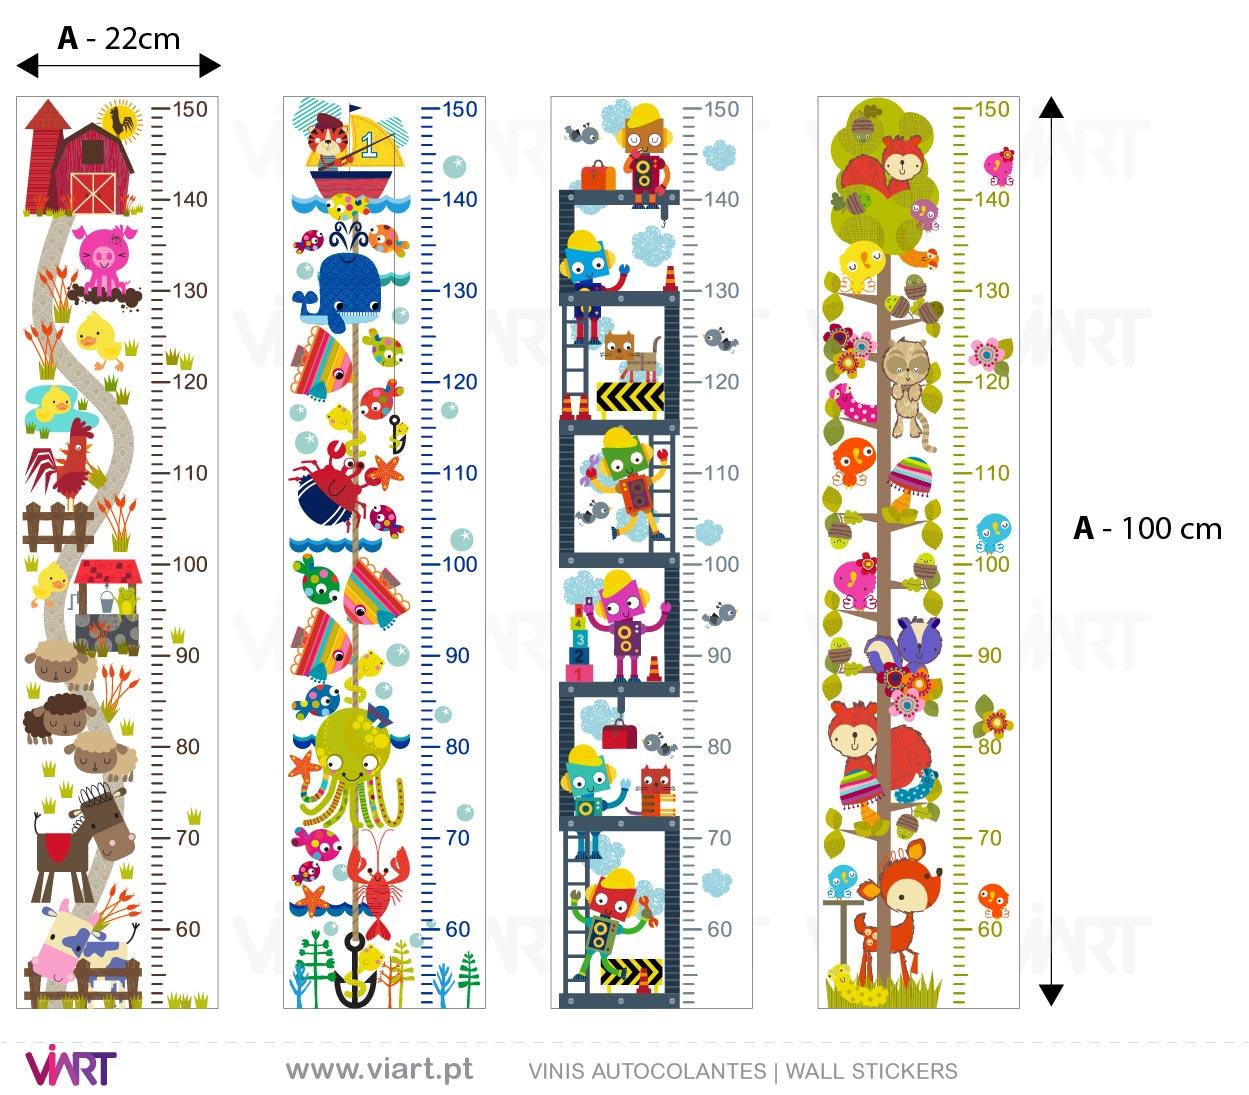 Viart - Vinis autocolantes decorativos - Réguas do Crescimento Fantasia! Medidas